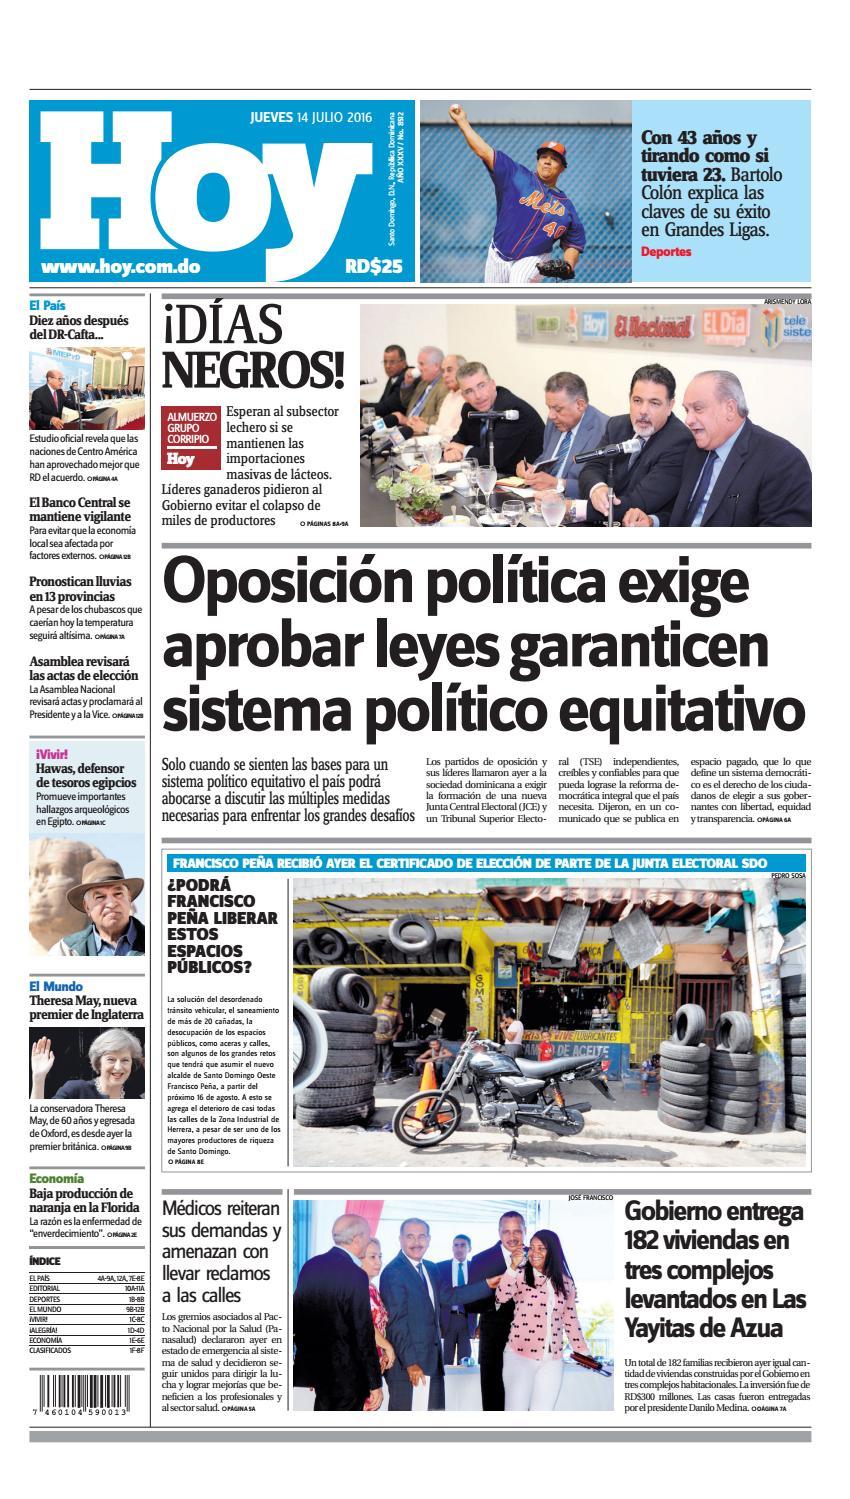 Edici N Impresa Hoy Jueves 14 De Julio 2016 By Periodico Hoy  # Muebles Tati Cochabamba